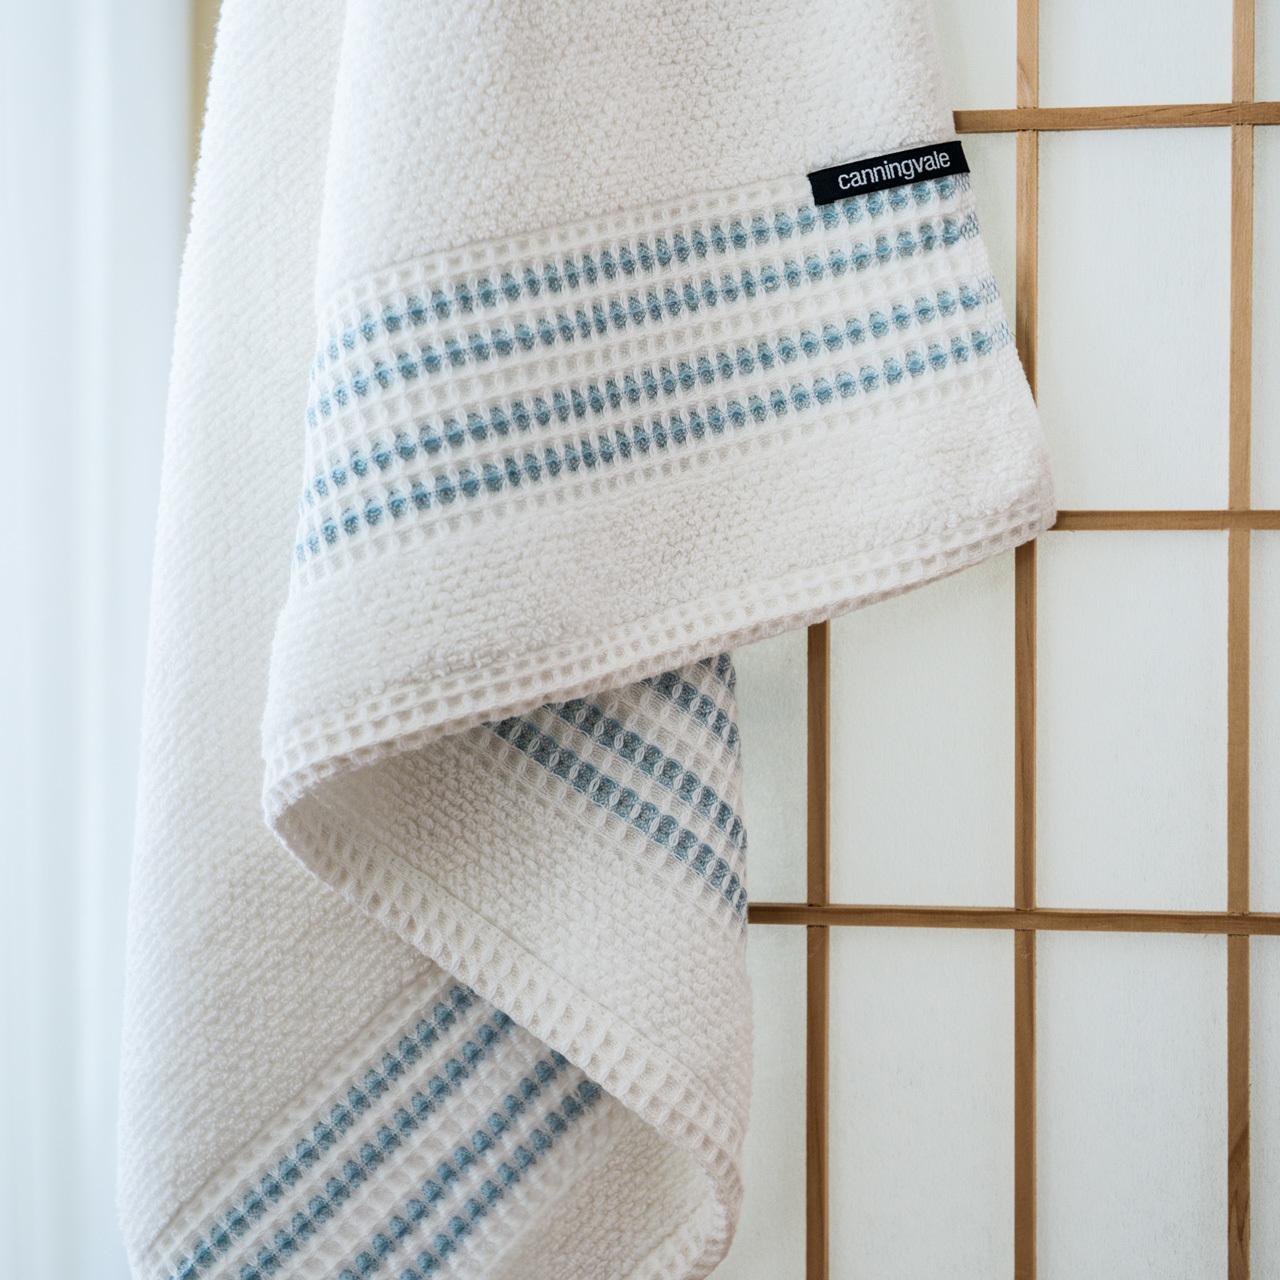 Canningvale Waffle Border Towel